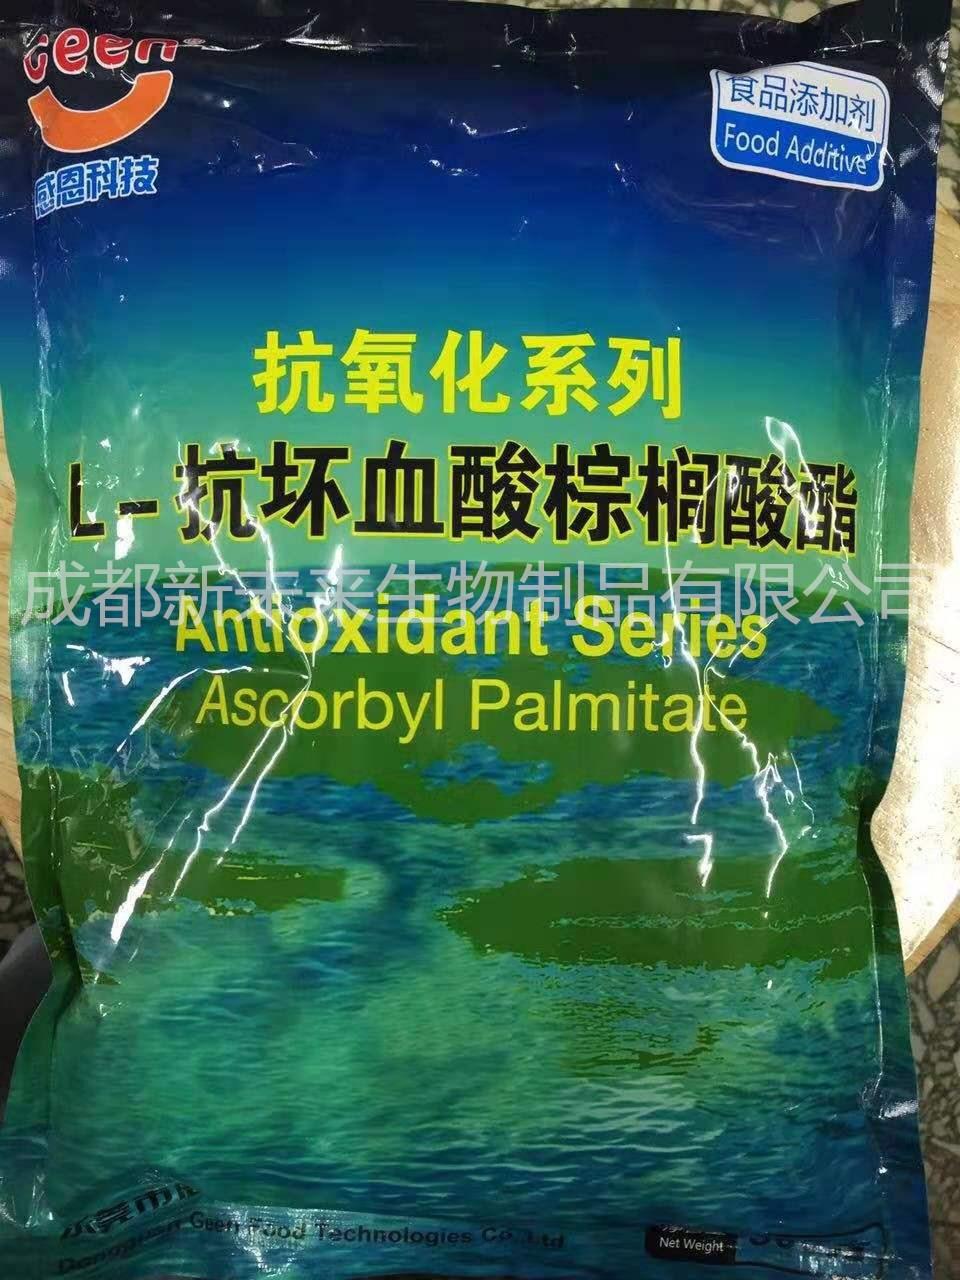 抗坏血酸棕榈酸酯厂家食品级 工业级 饲料级维生素C棕榈酸酯